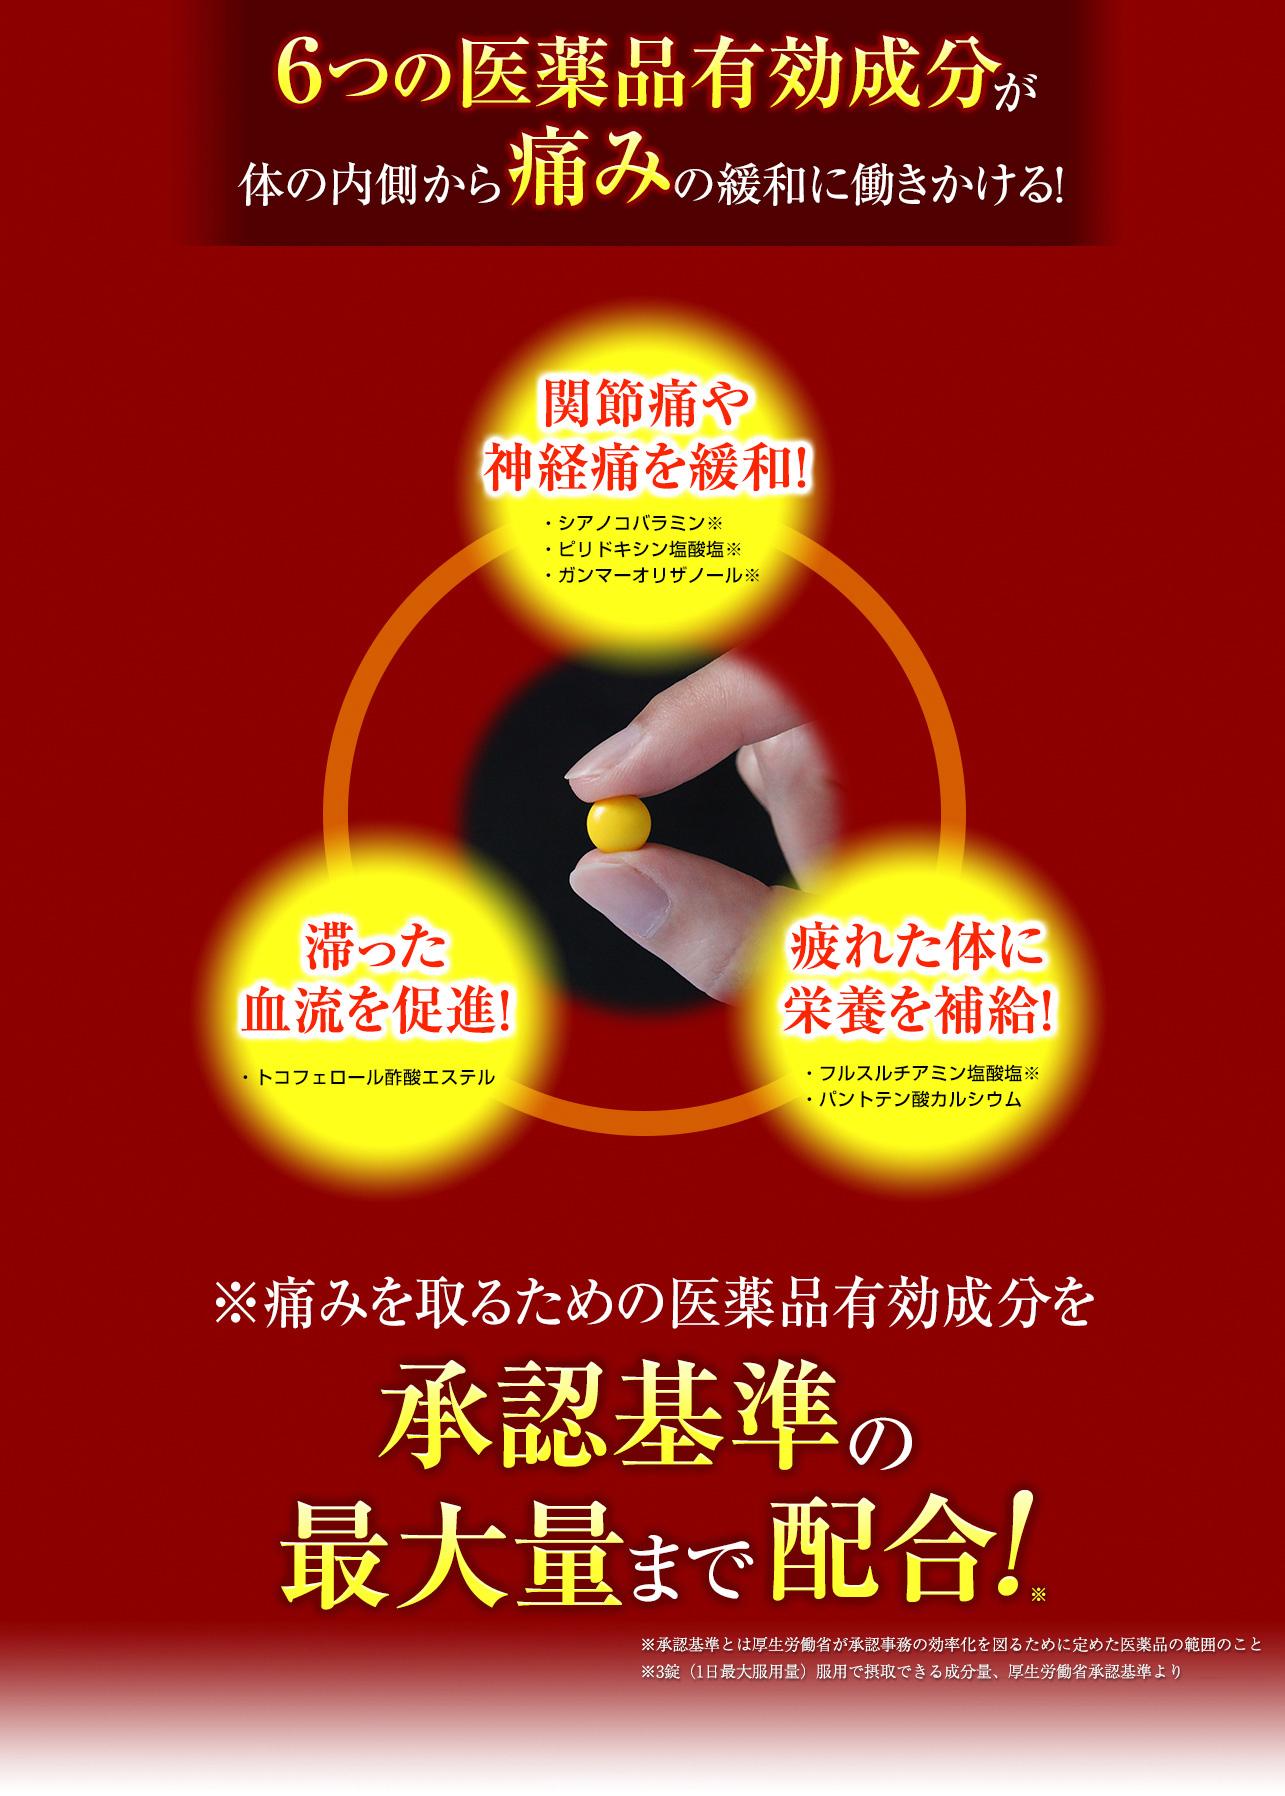 6つの医薬品有効成分が体の内側から痛みの緩和に働きかける!